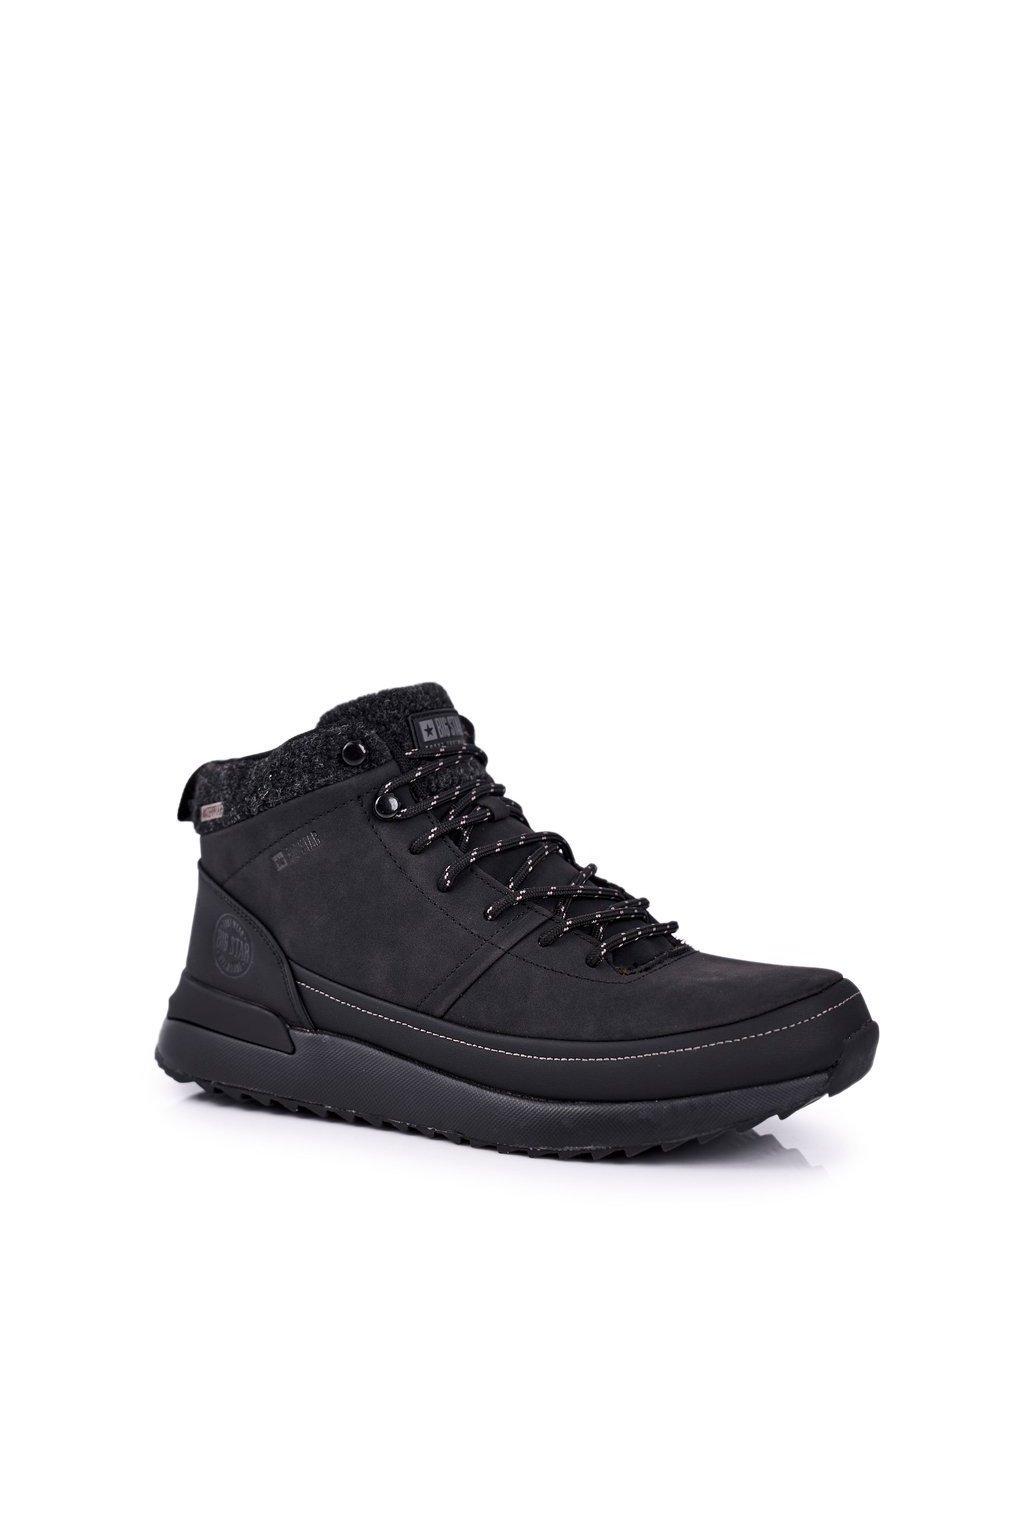 Pánske trekingové topánky farba čierna kód obuvi GG174563 BLK